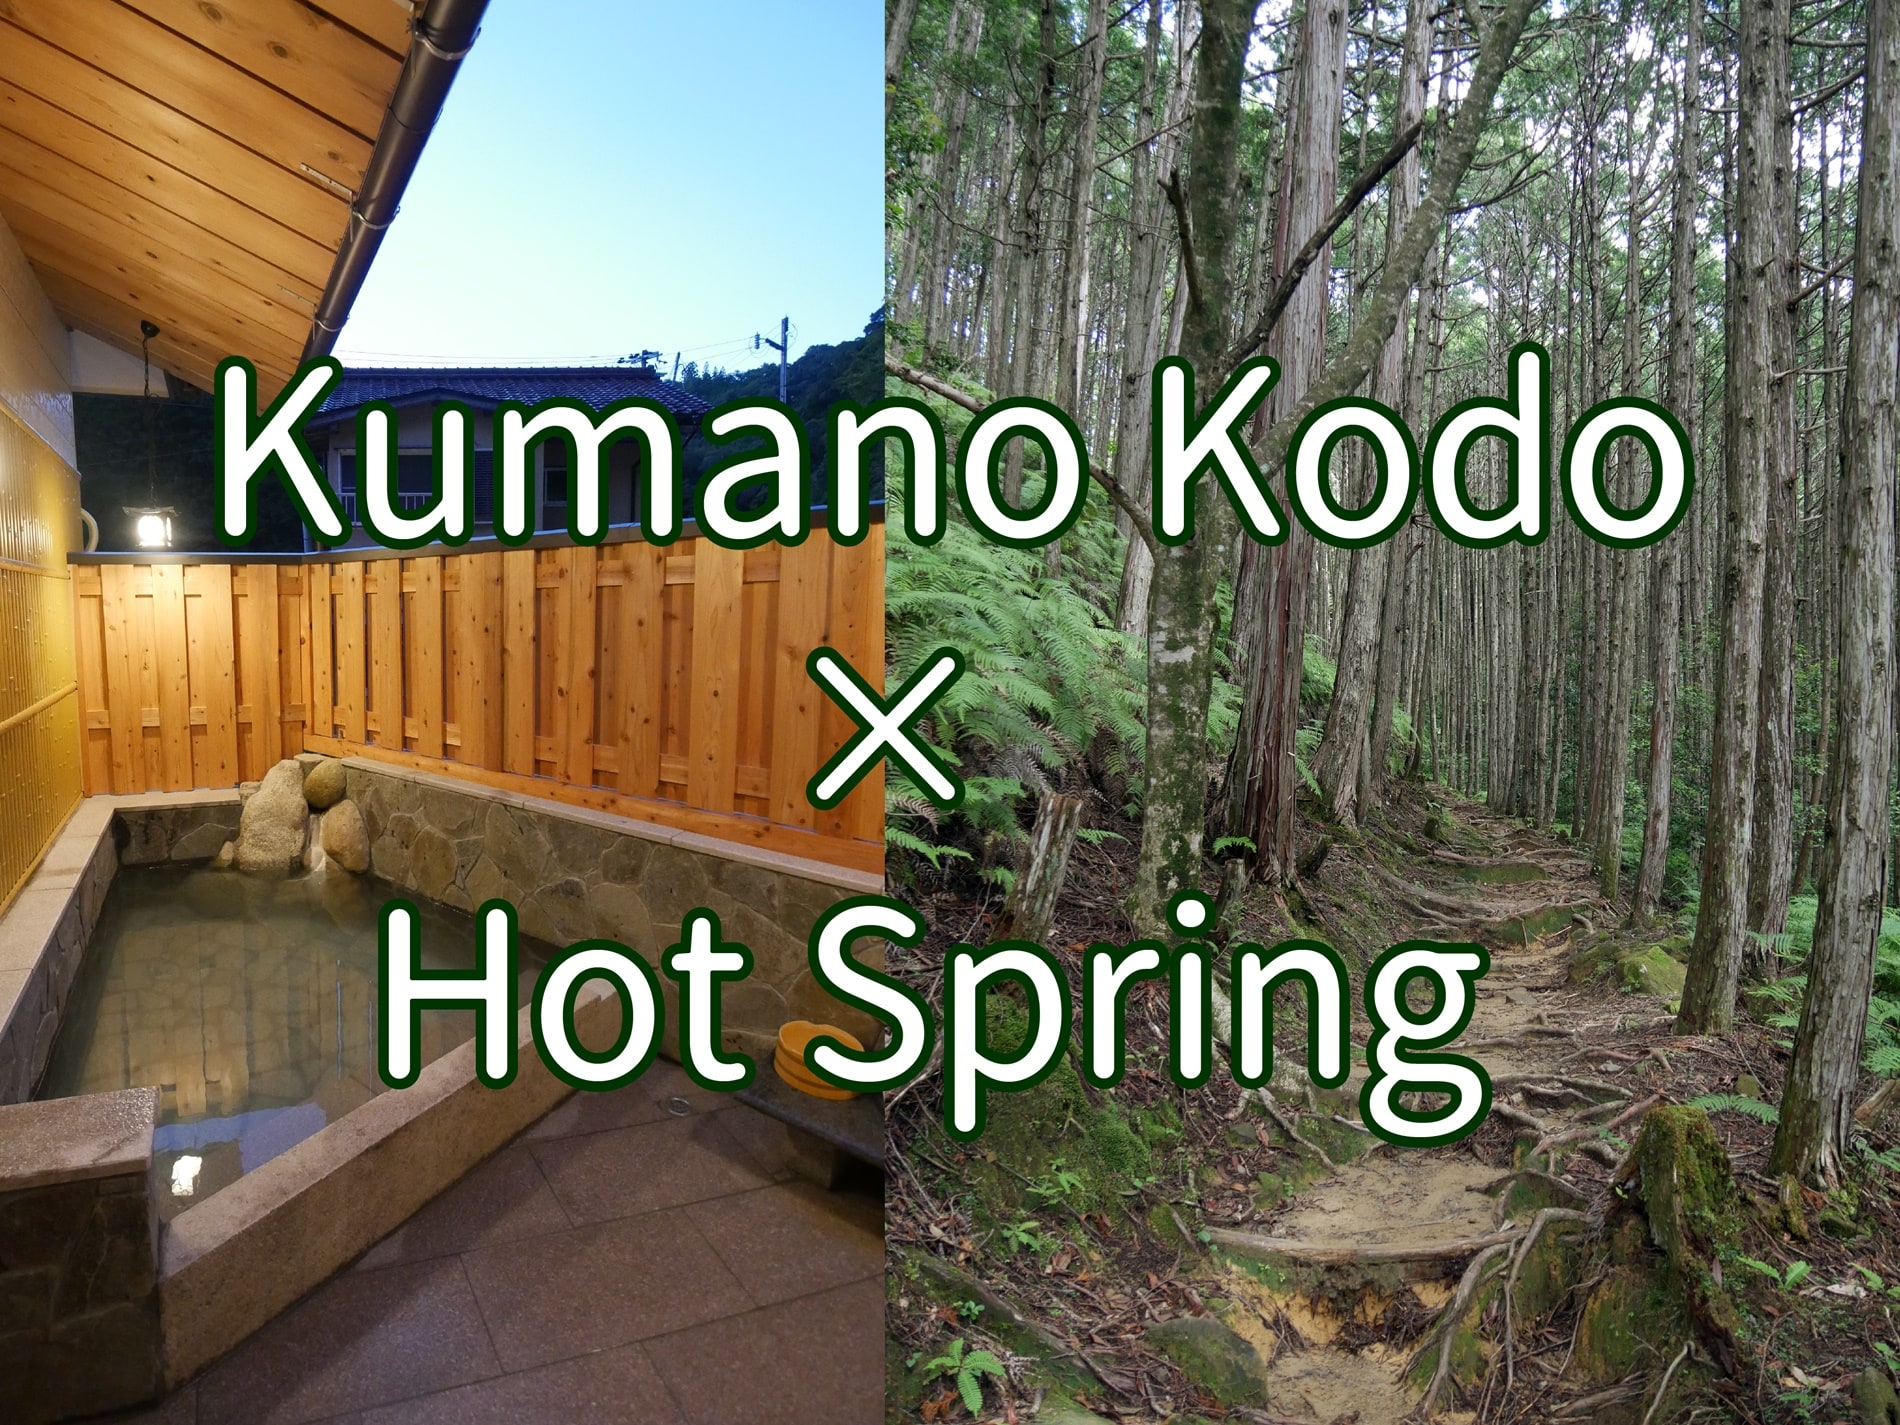 |和歌山|ゲストハウス|温泉、自然、山好き歓迎♪ 田舎で住込みしながら国内留学してみませんか?【熊野古道(湯峰温泉)】